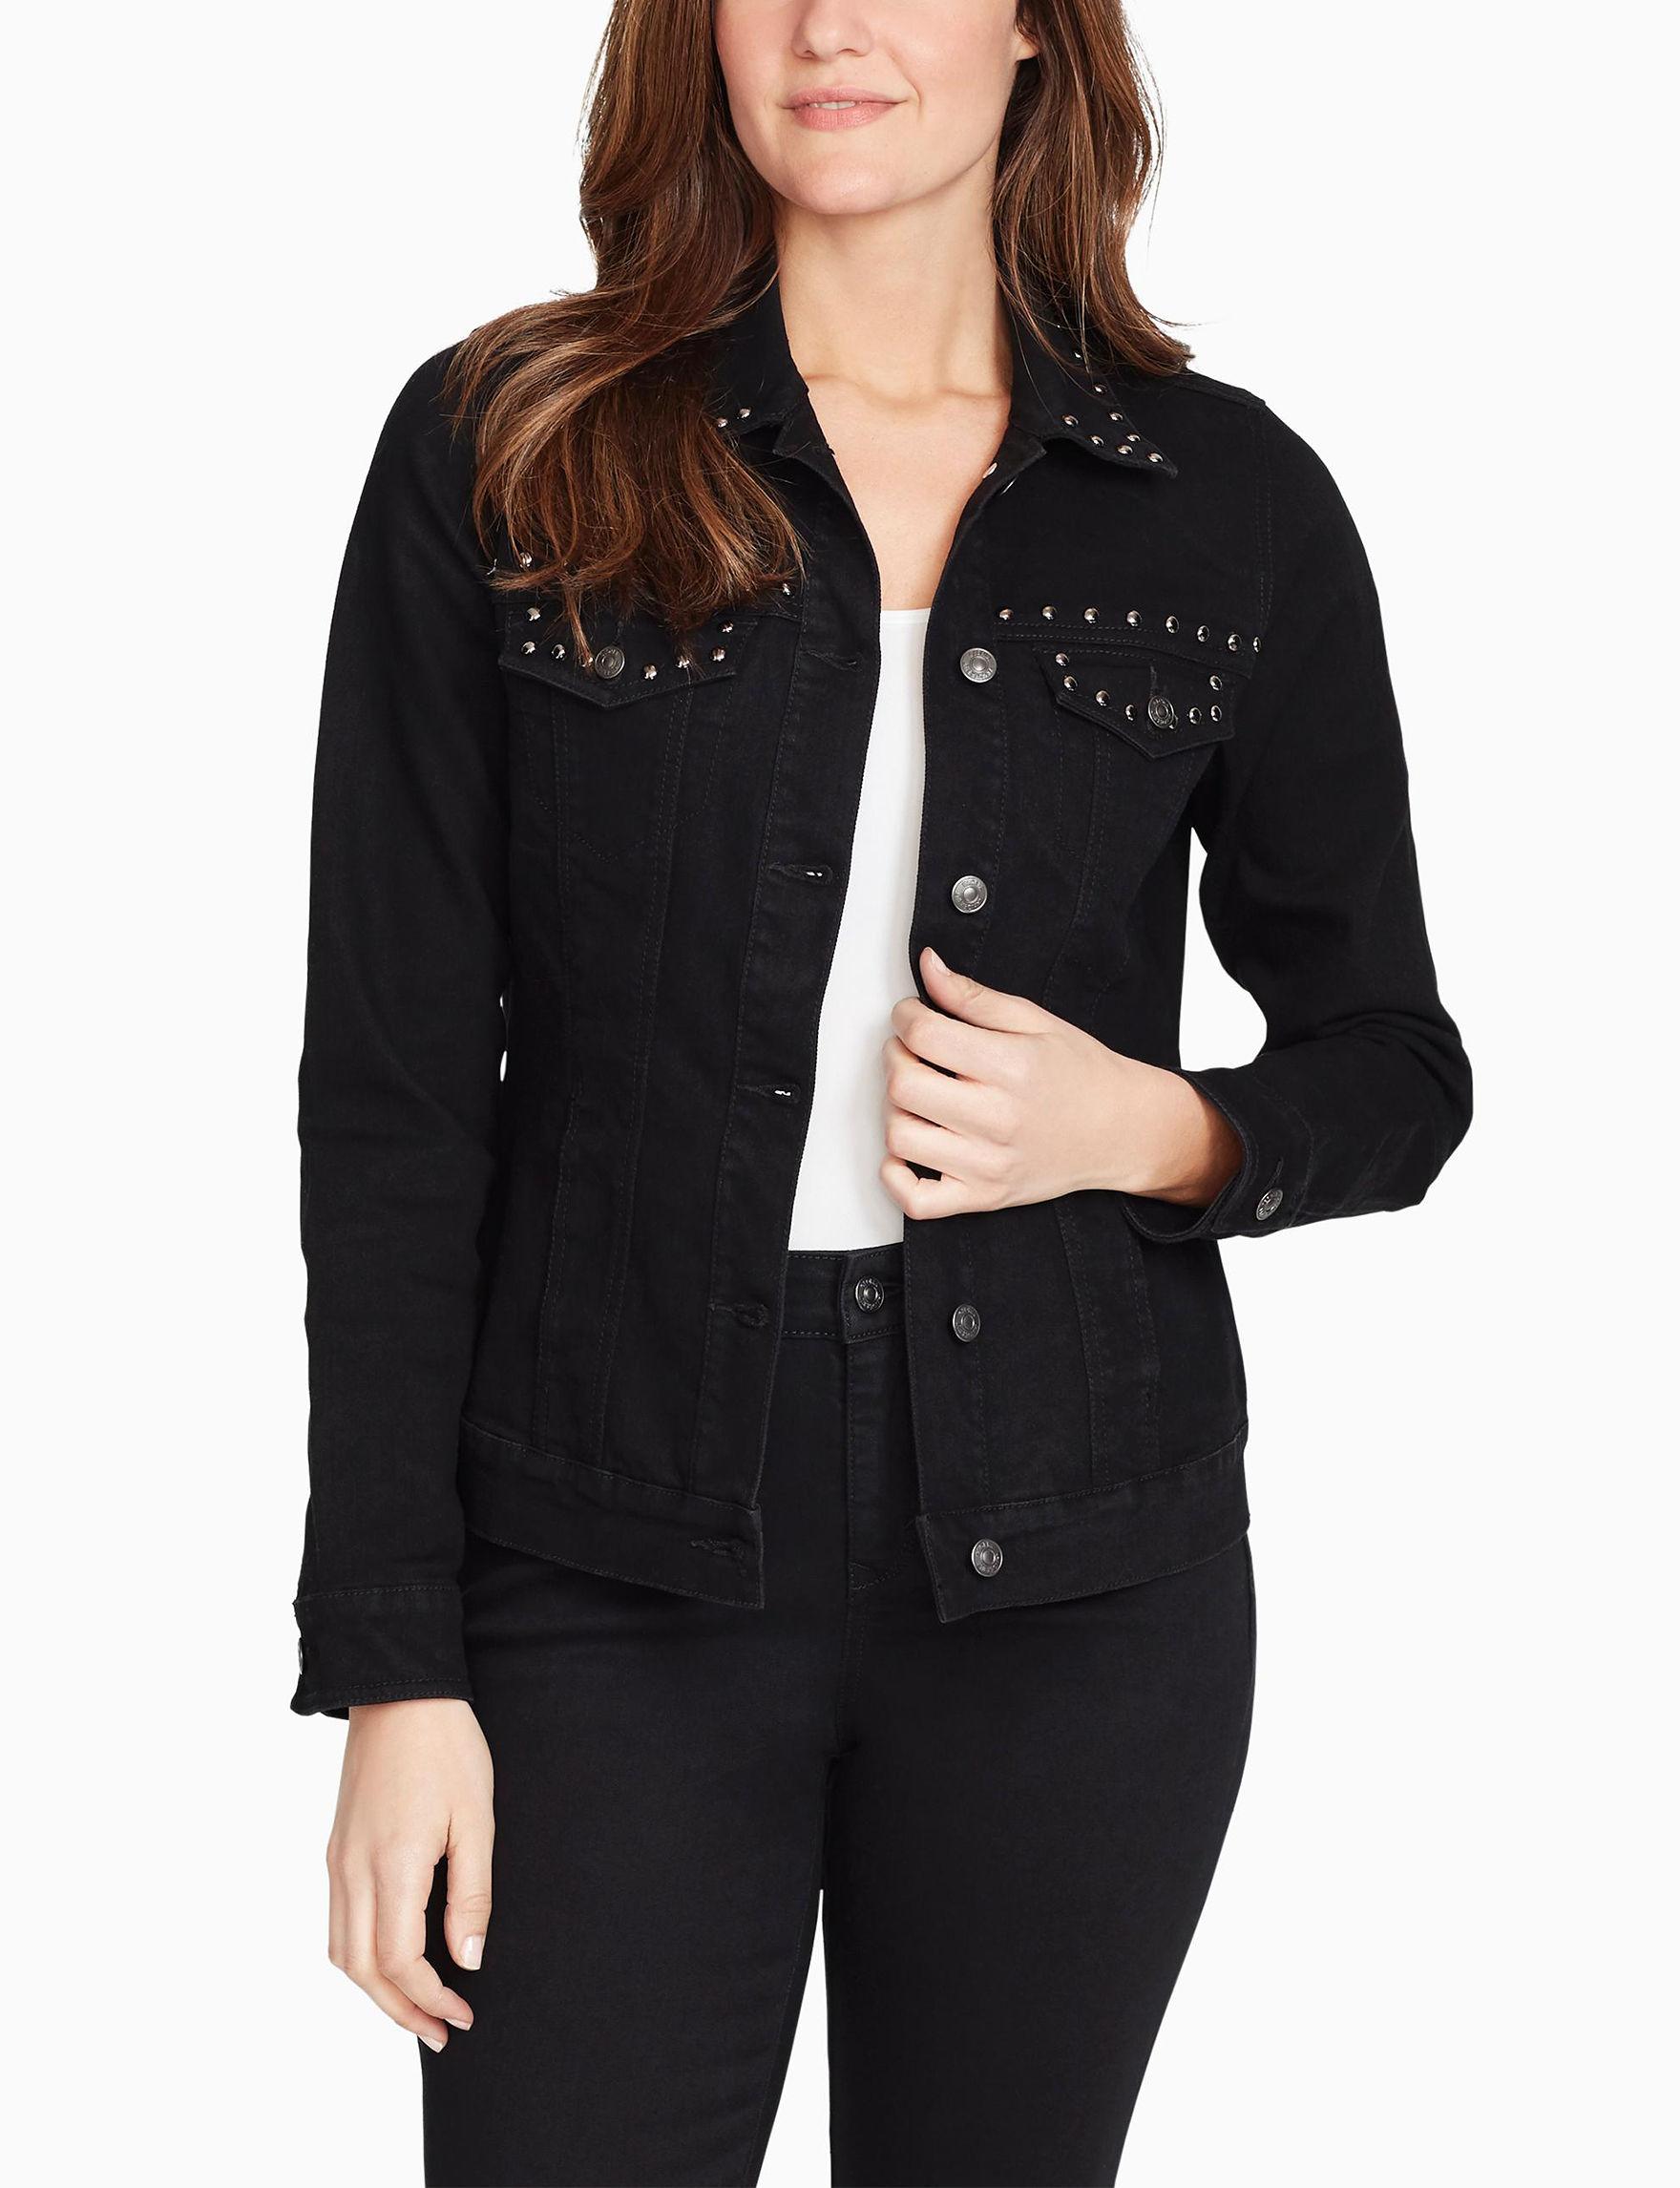 Gloria Vanderbilt Black Denim Jackets